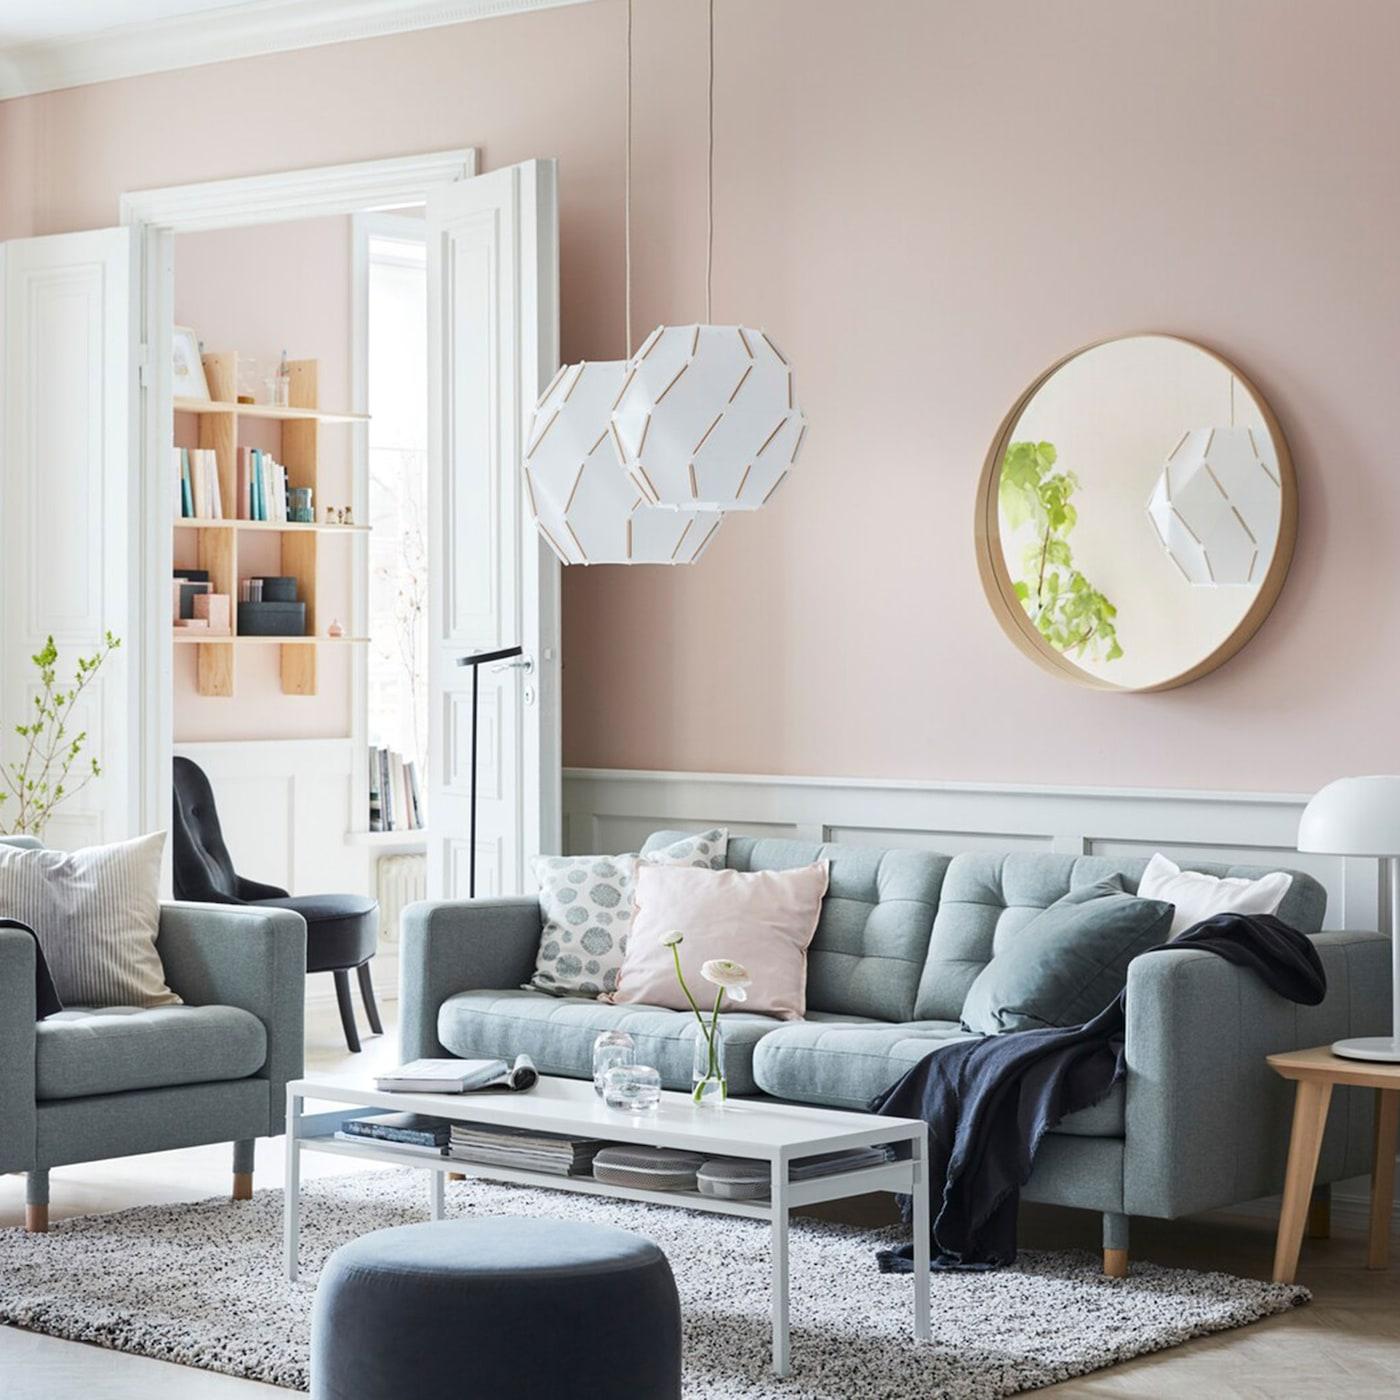 Mach dein Wohnzimmer zu einem friedlichen Raum mit LANDSKRONA 3er-Sofa Gunnared hellgrün/Holz, SJÖPENNA Hängeleuchten und funktioneller YPPERLIG Beleuchtung.